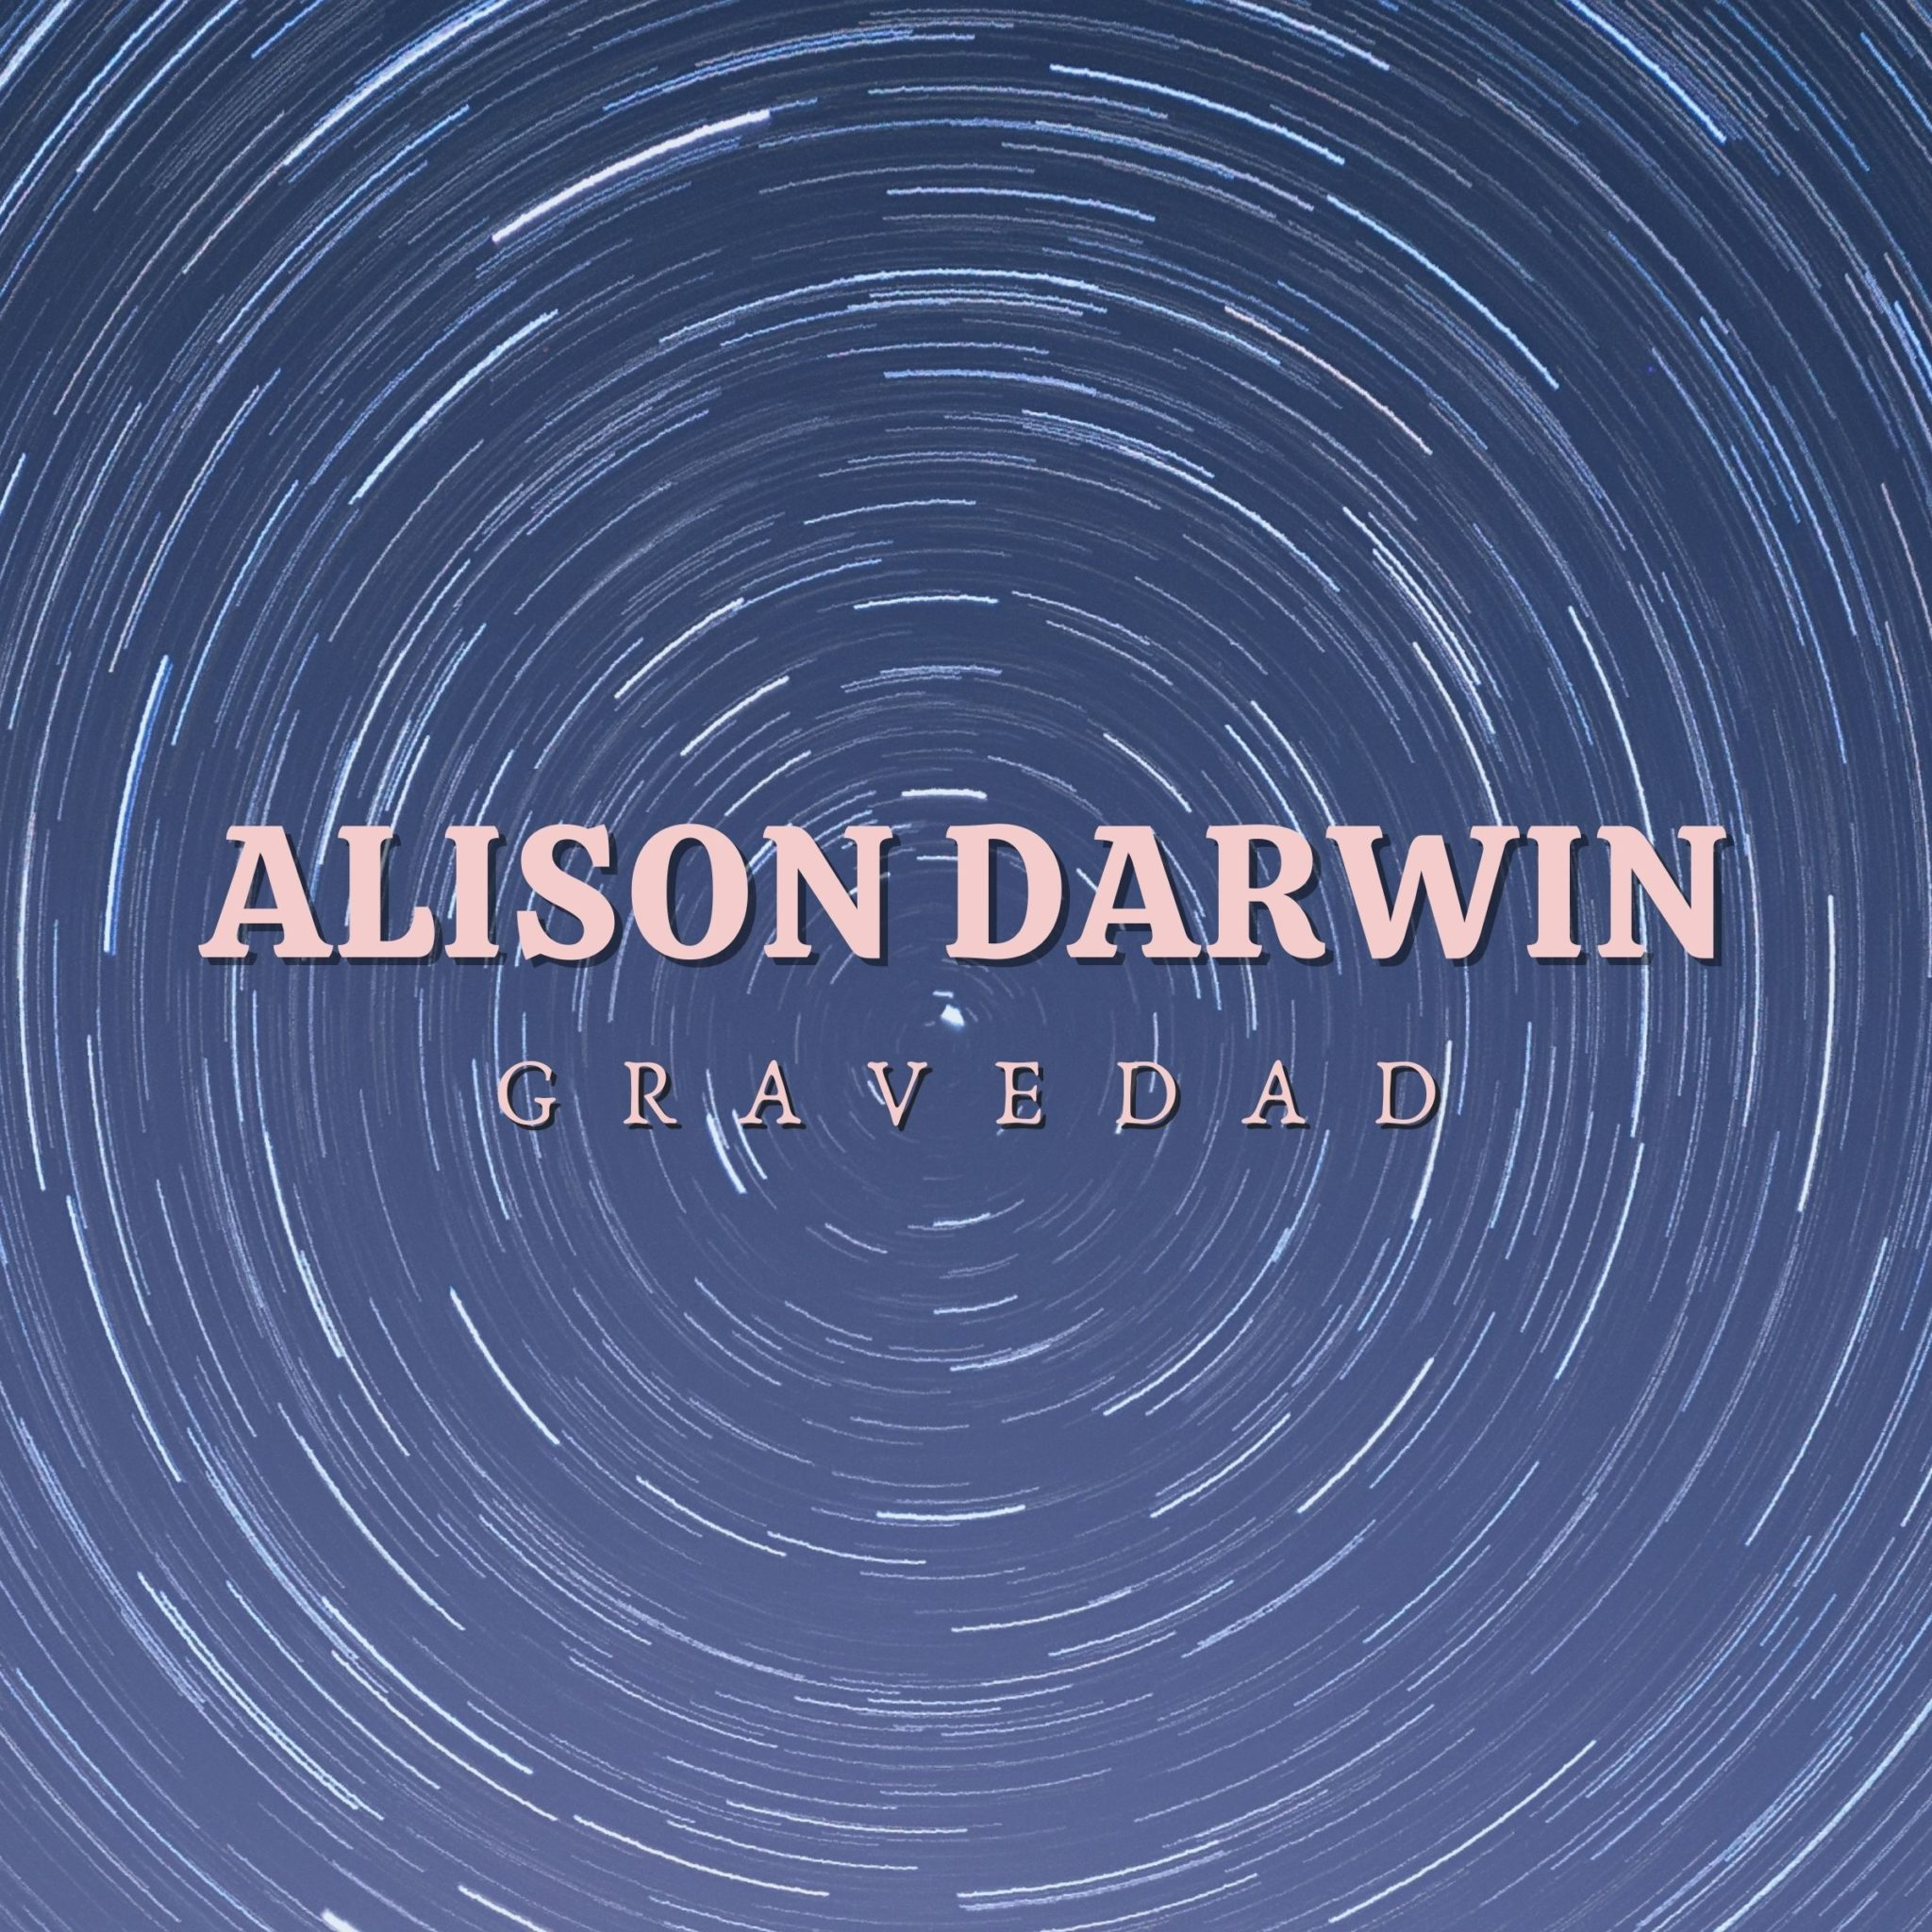 Portada Gravedad - Alison Darwin 2